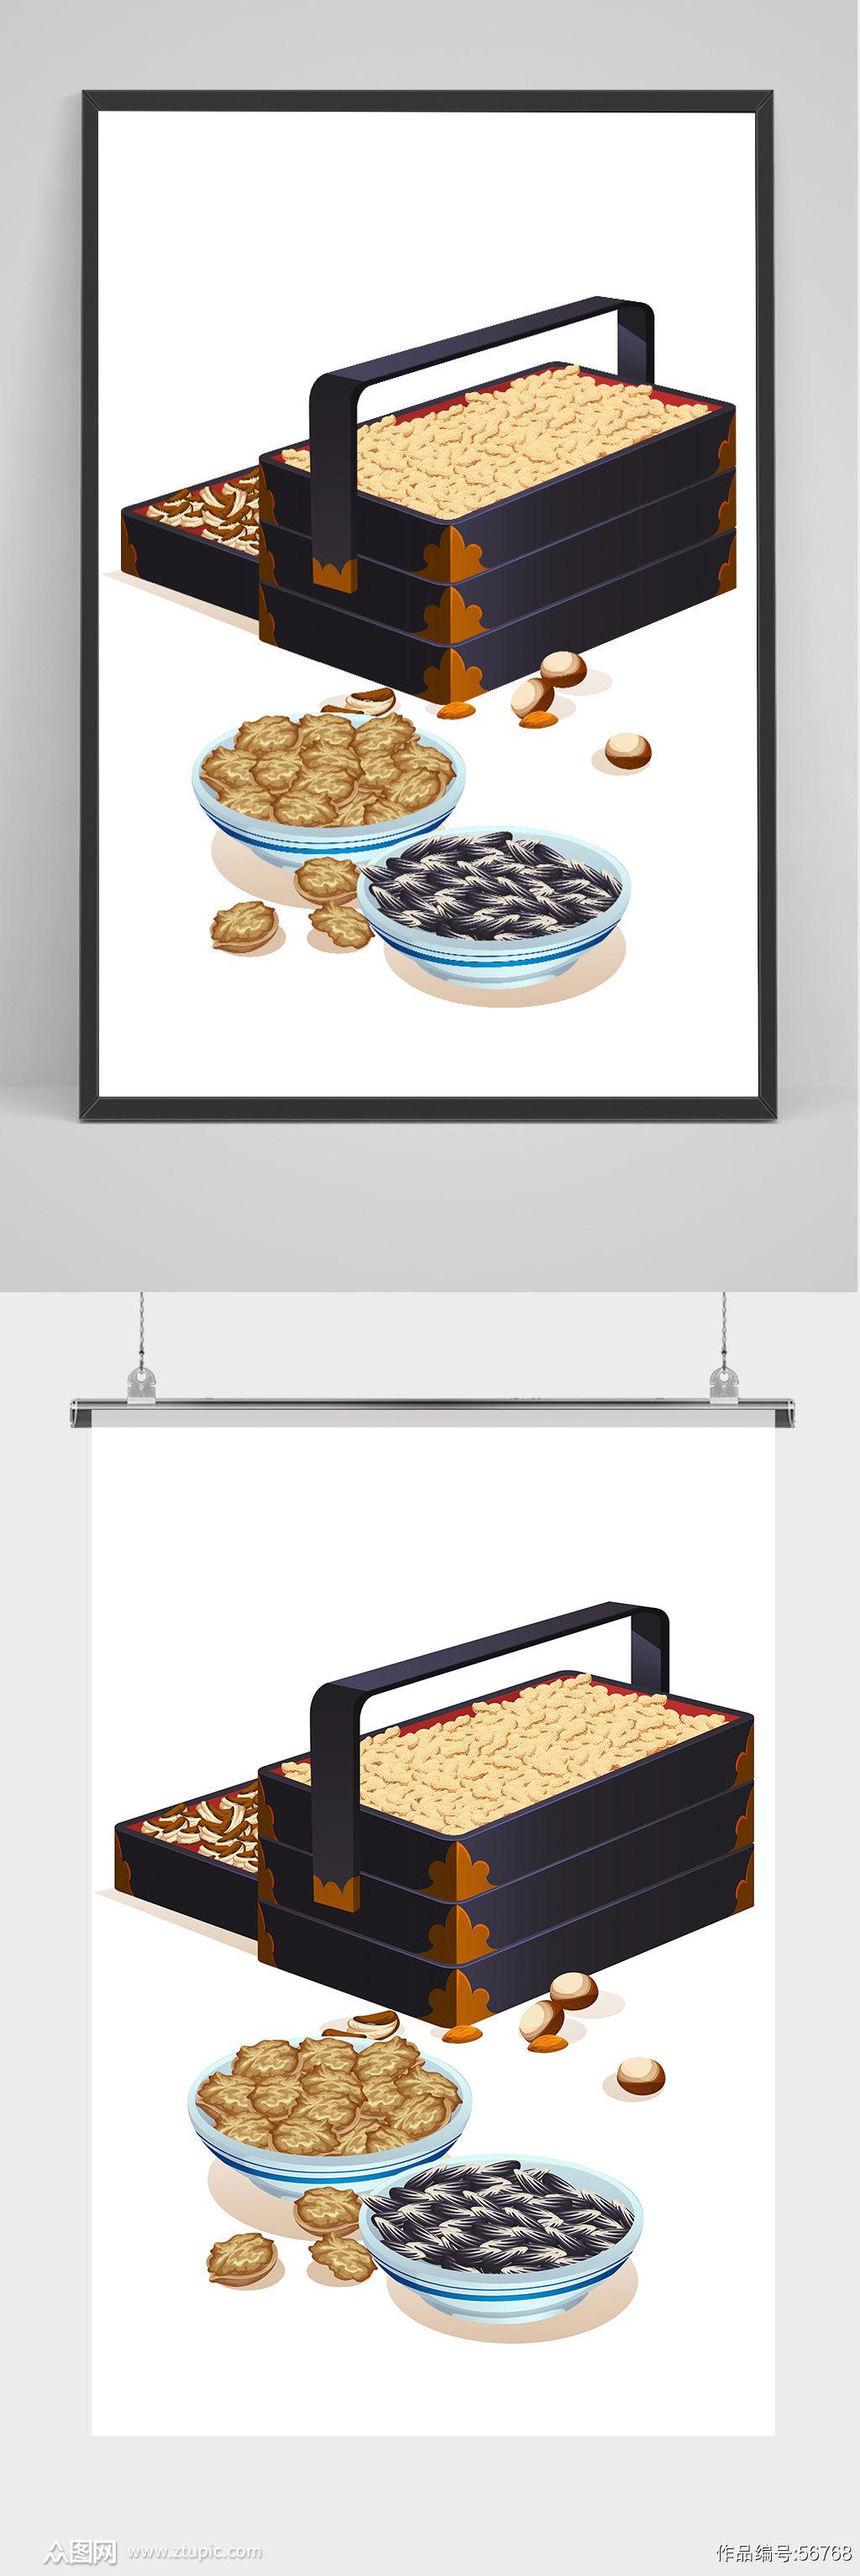 中国风春节糖饼礼盒插画素材